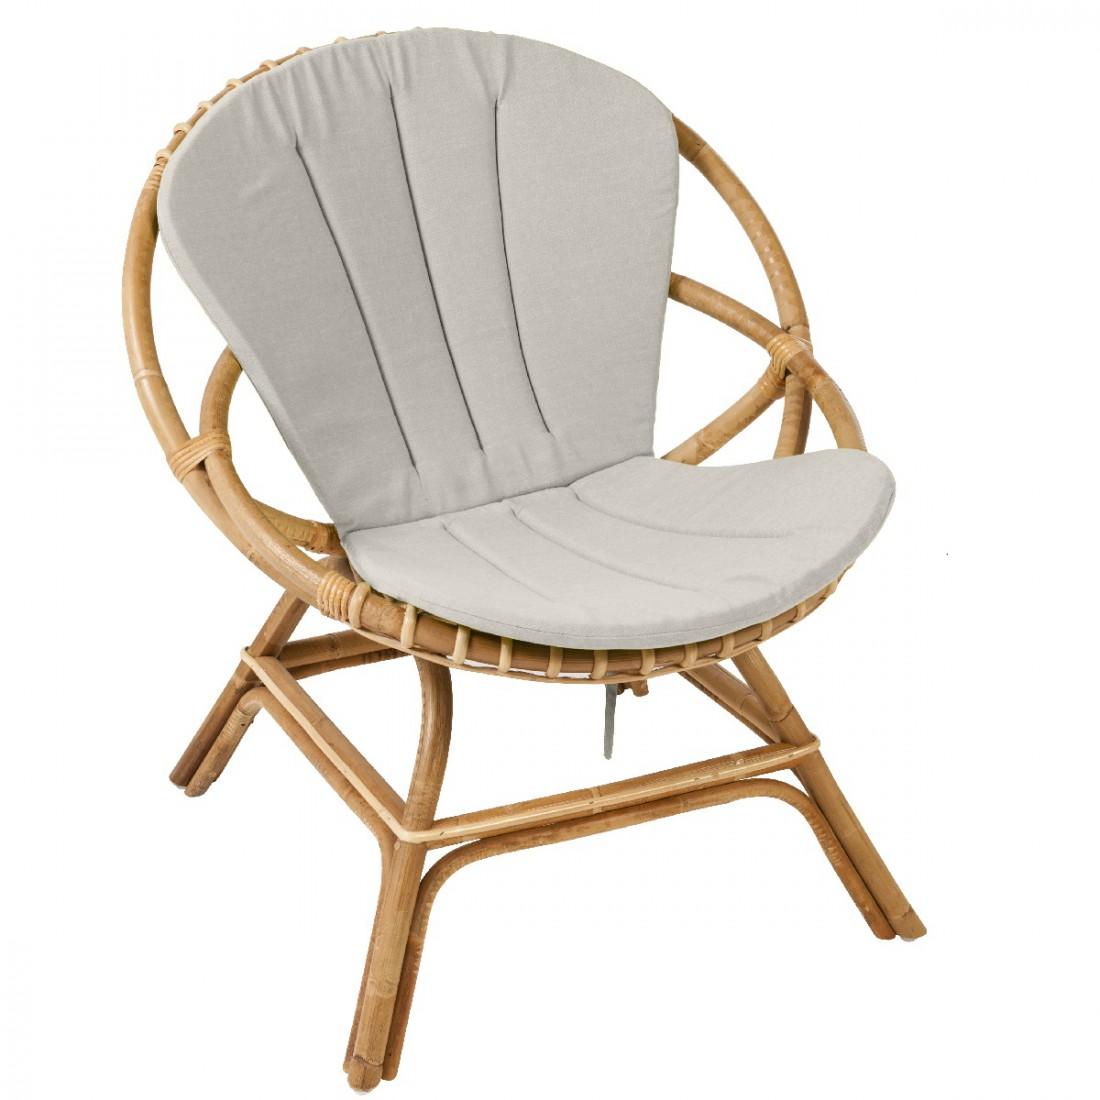 coussin pour fauteuil brigitte fauteuil rotin kok. Black Bedroom Furniture Sets. Home Design Ideas